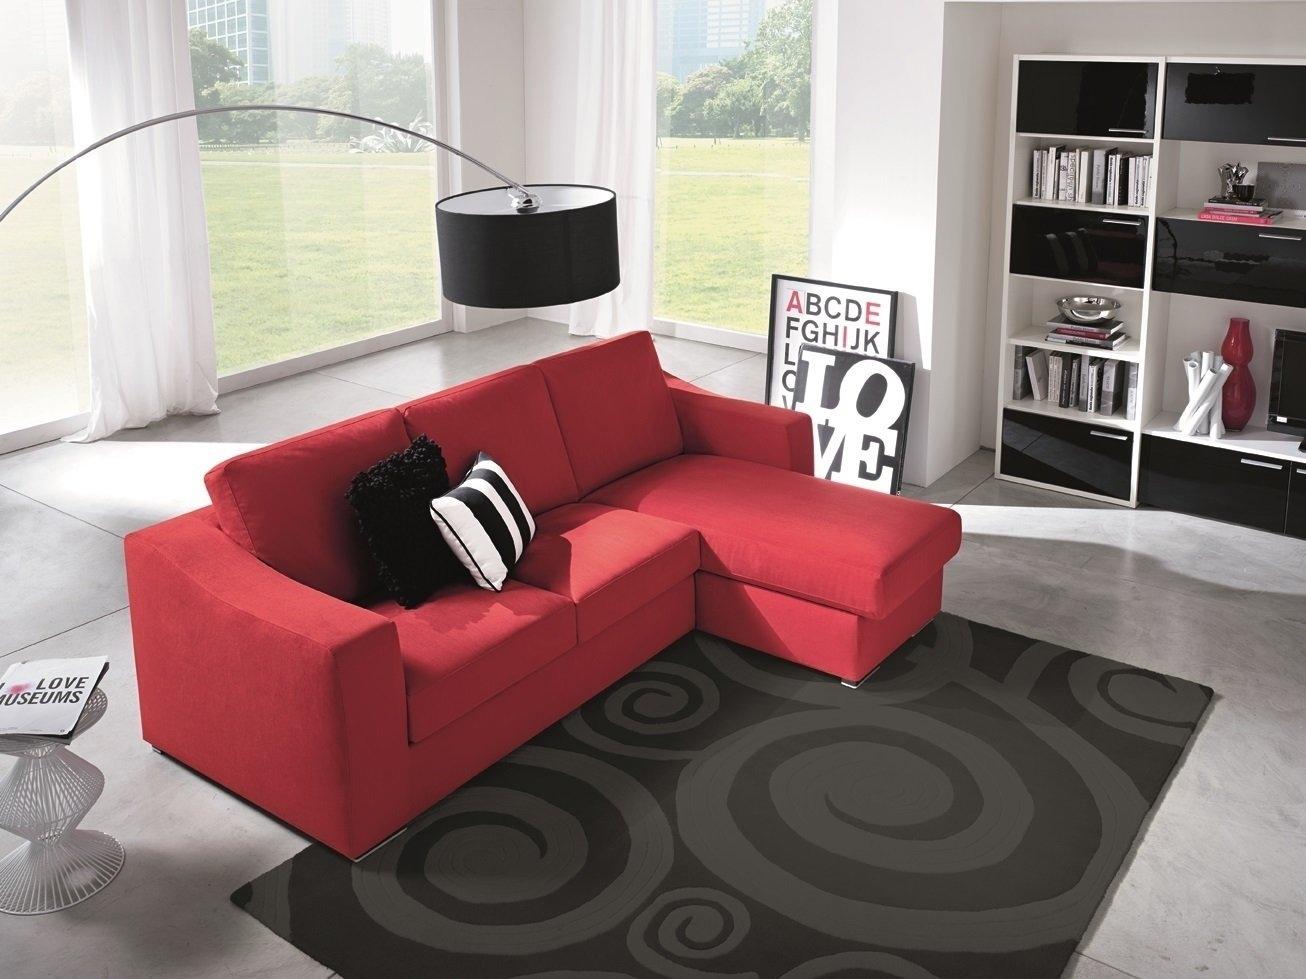 Promozioni divani eco divani a prezzi scontati for Divani promozioni